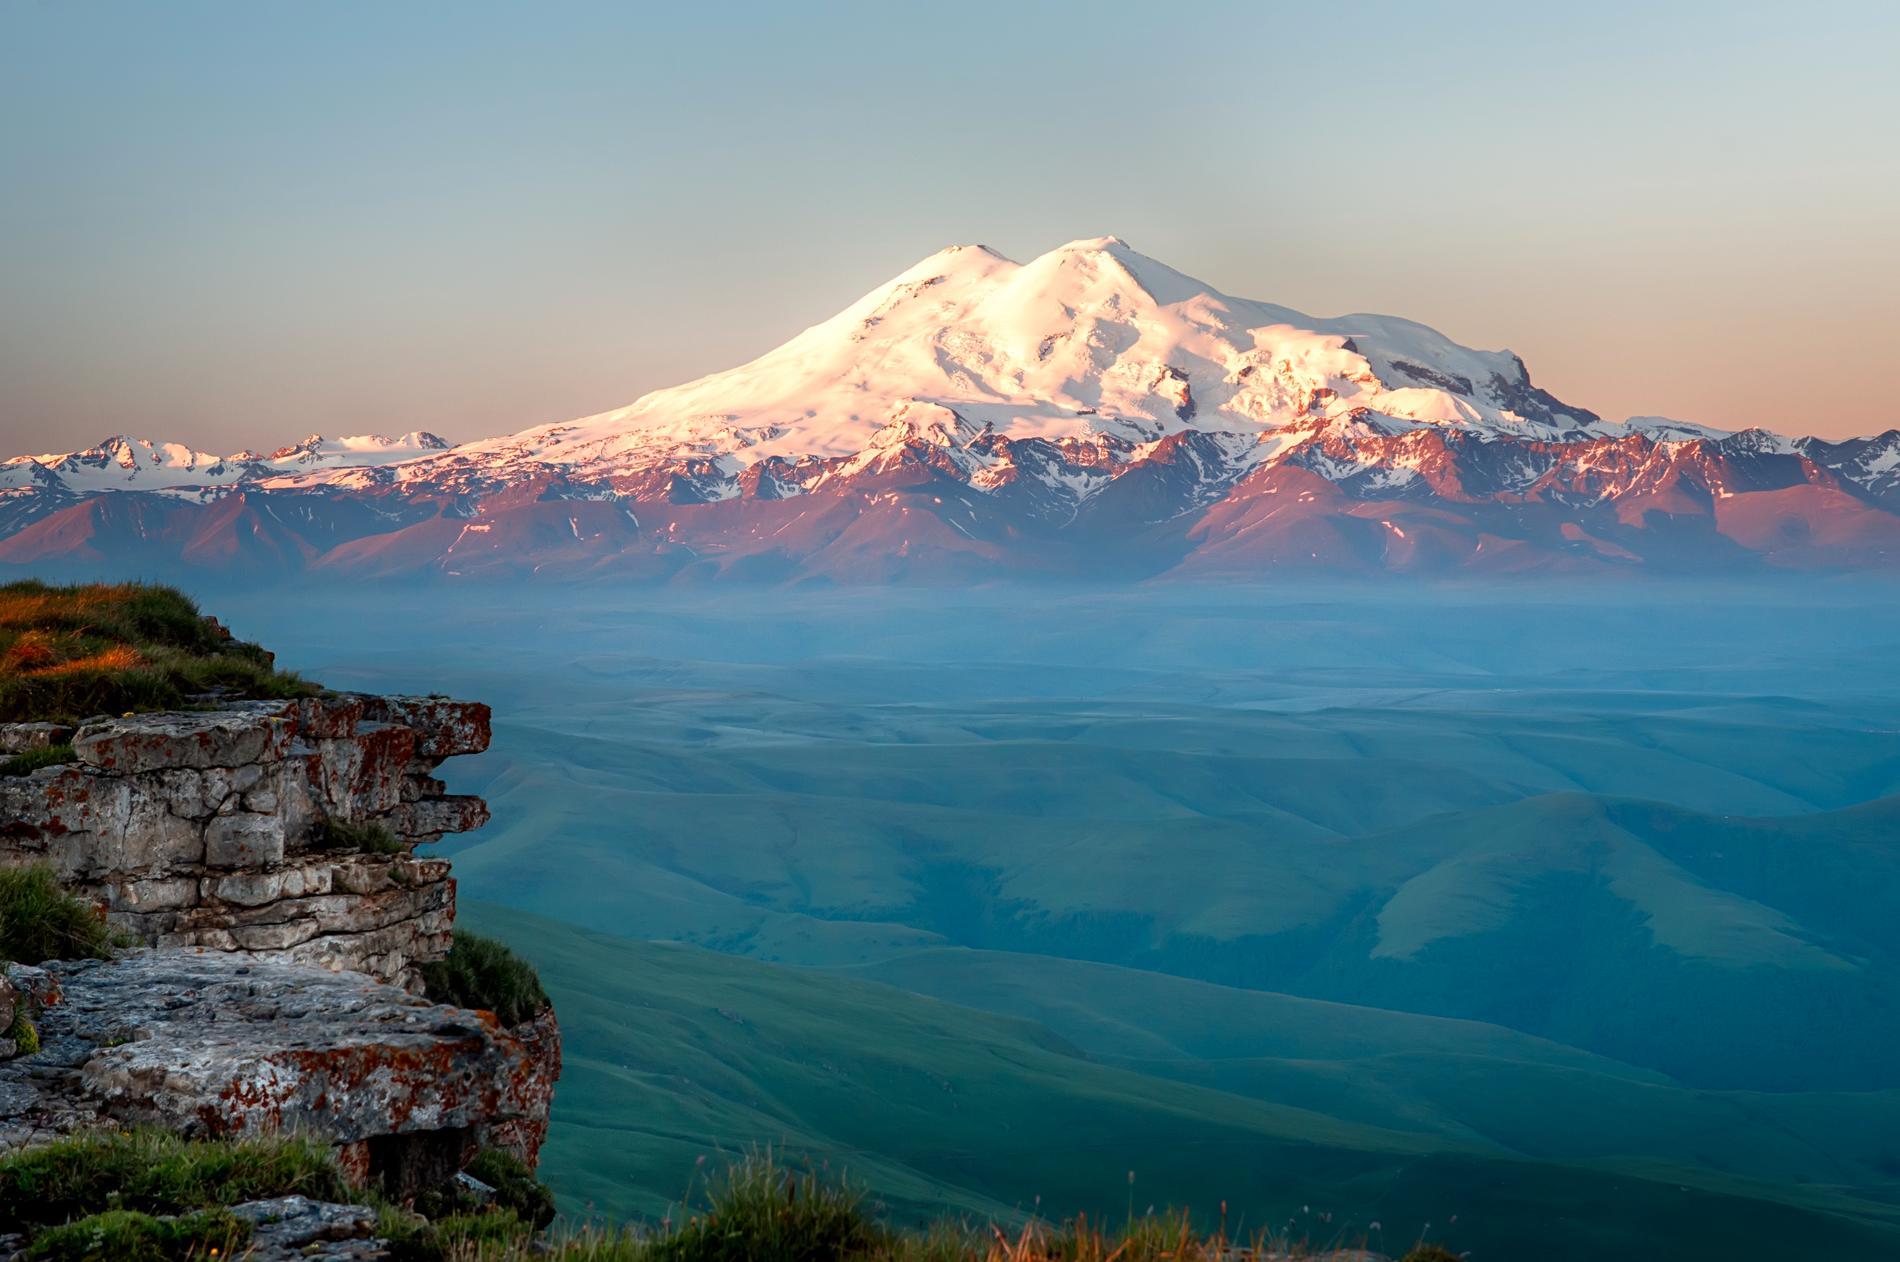 Vill du bestiga Europas högsta berg? Då får du ta dig till Mount Elbrus.